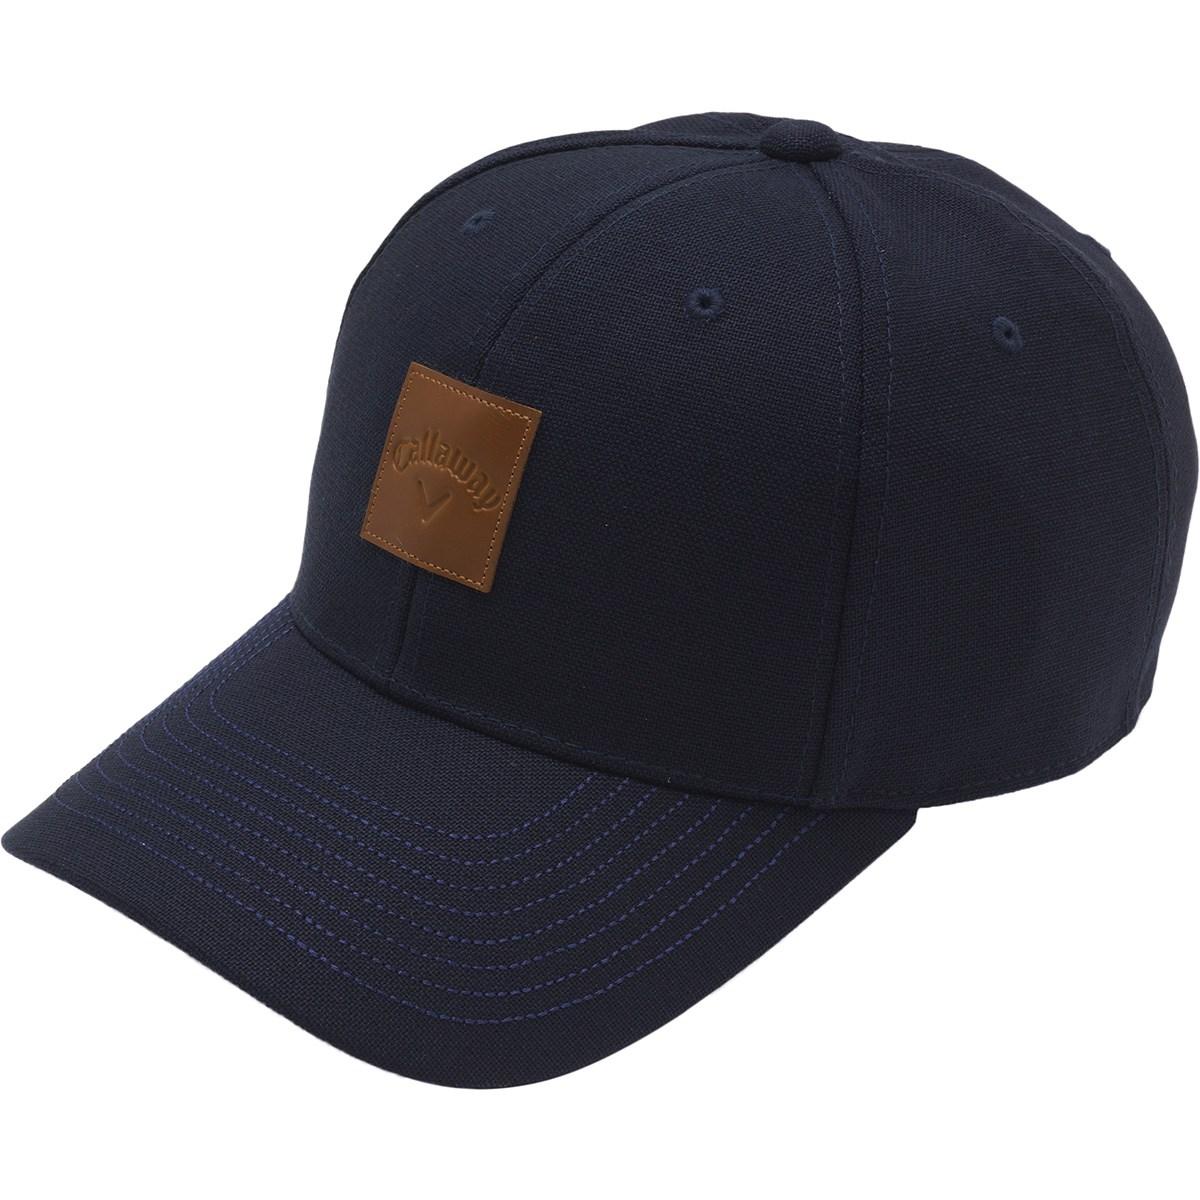 [2020年モデル] キャロウェイゴルフ Callaway Golf ダックキャップ ネイビー 120 メンズ ゴルフウェア 帽子